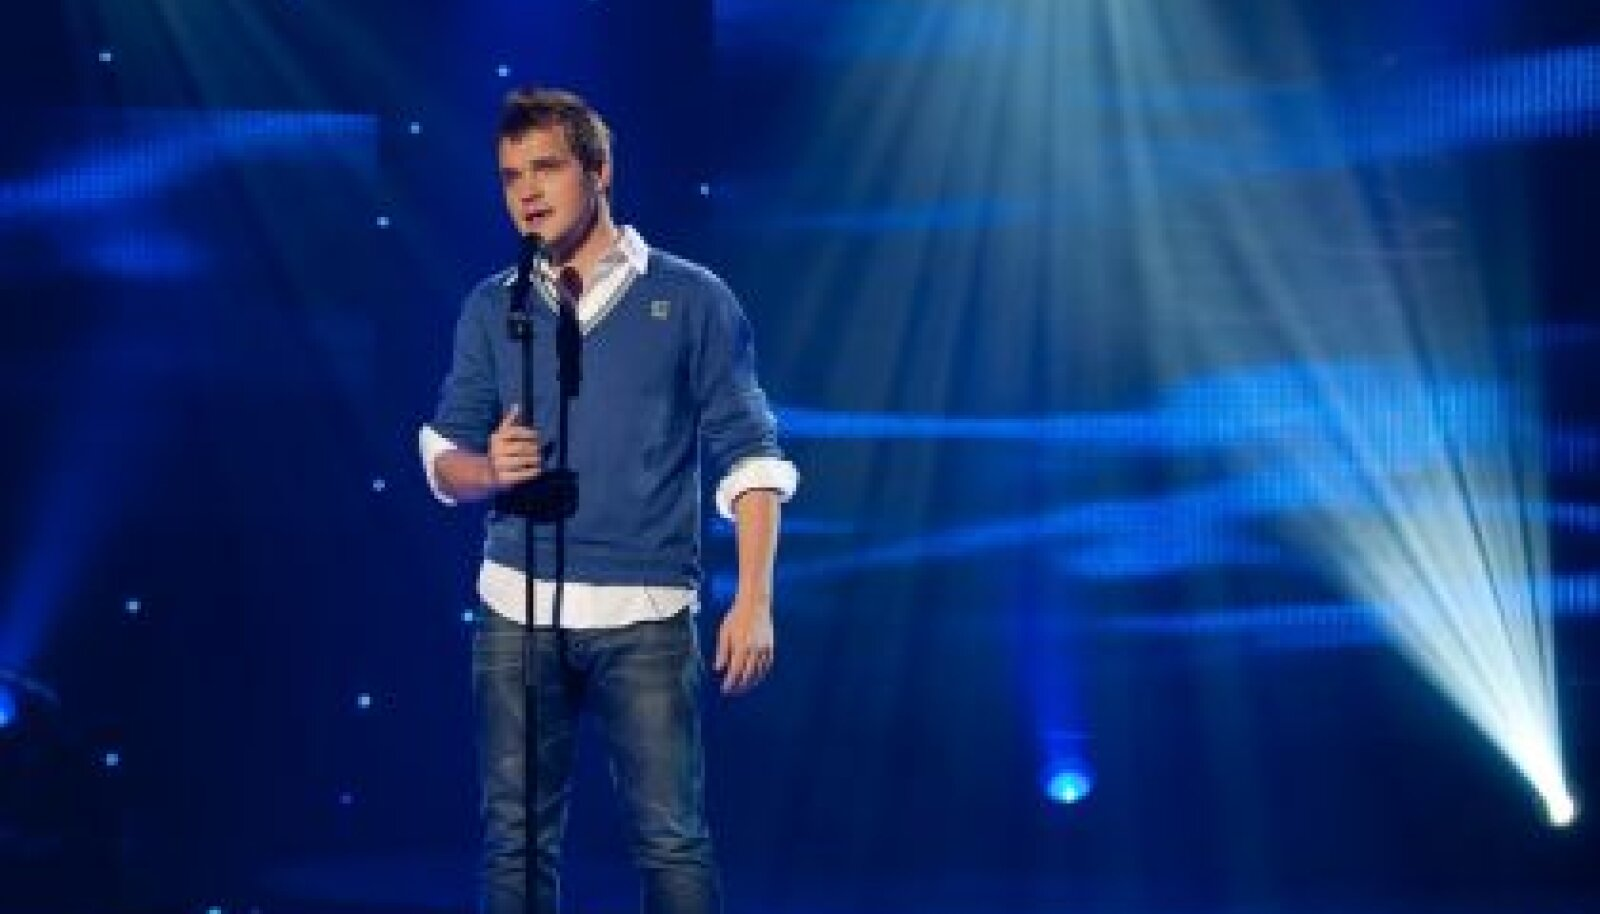 Eesti otsib superstaari 1. finaalsaade